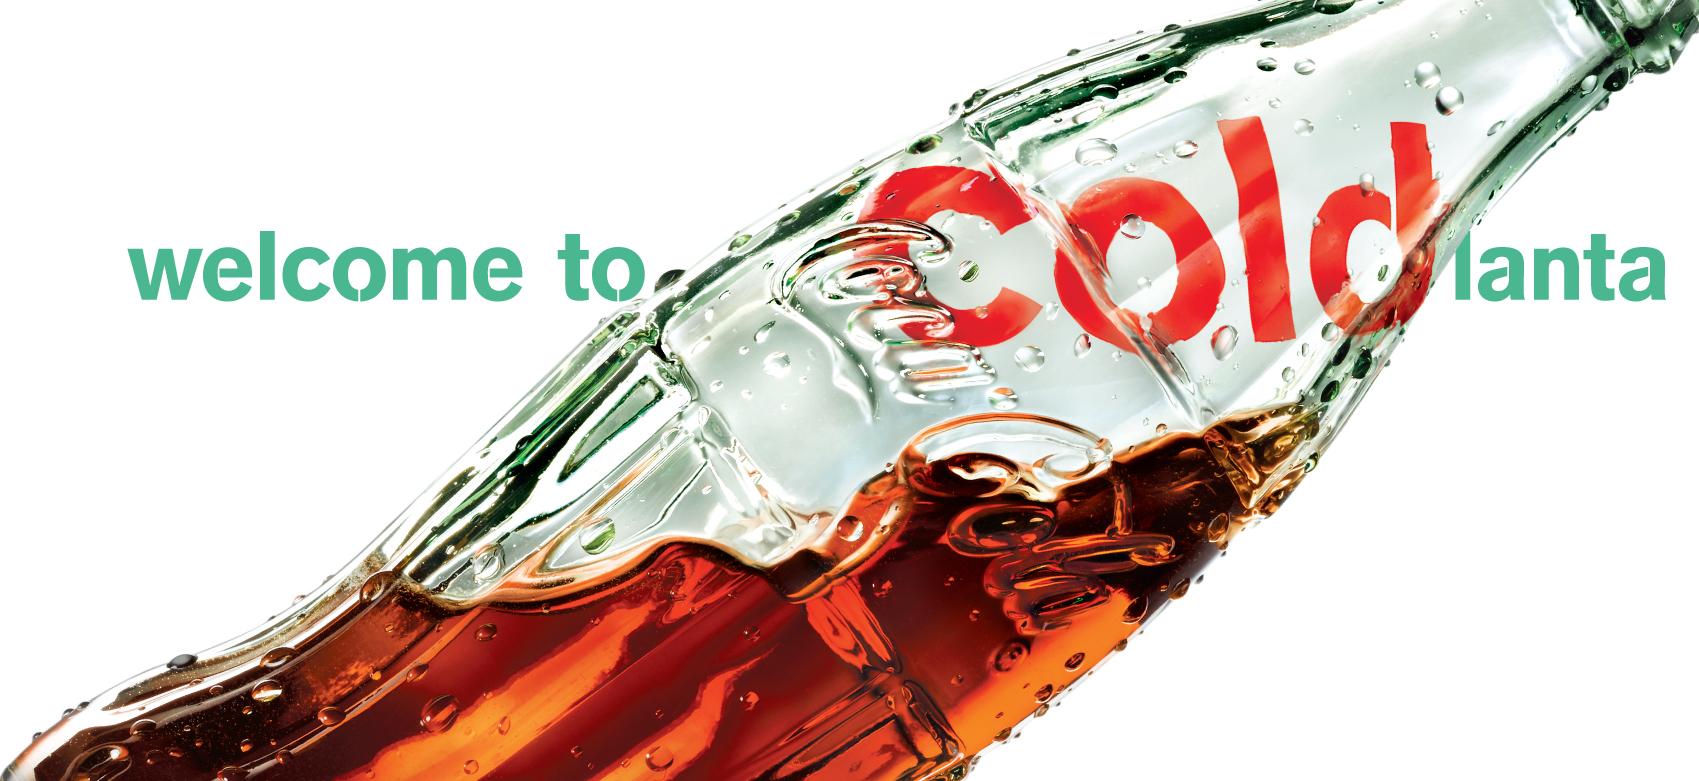 """BarberWarren Coca-Cola Green Glass Bottle Refreshment """"Coldlanta"""""""